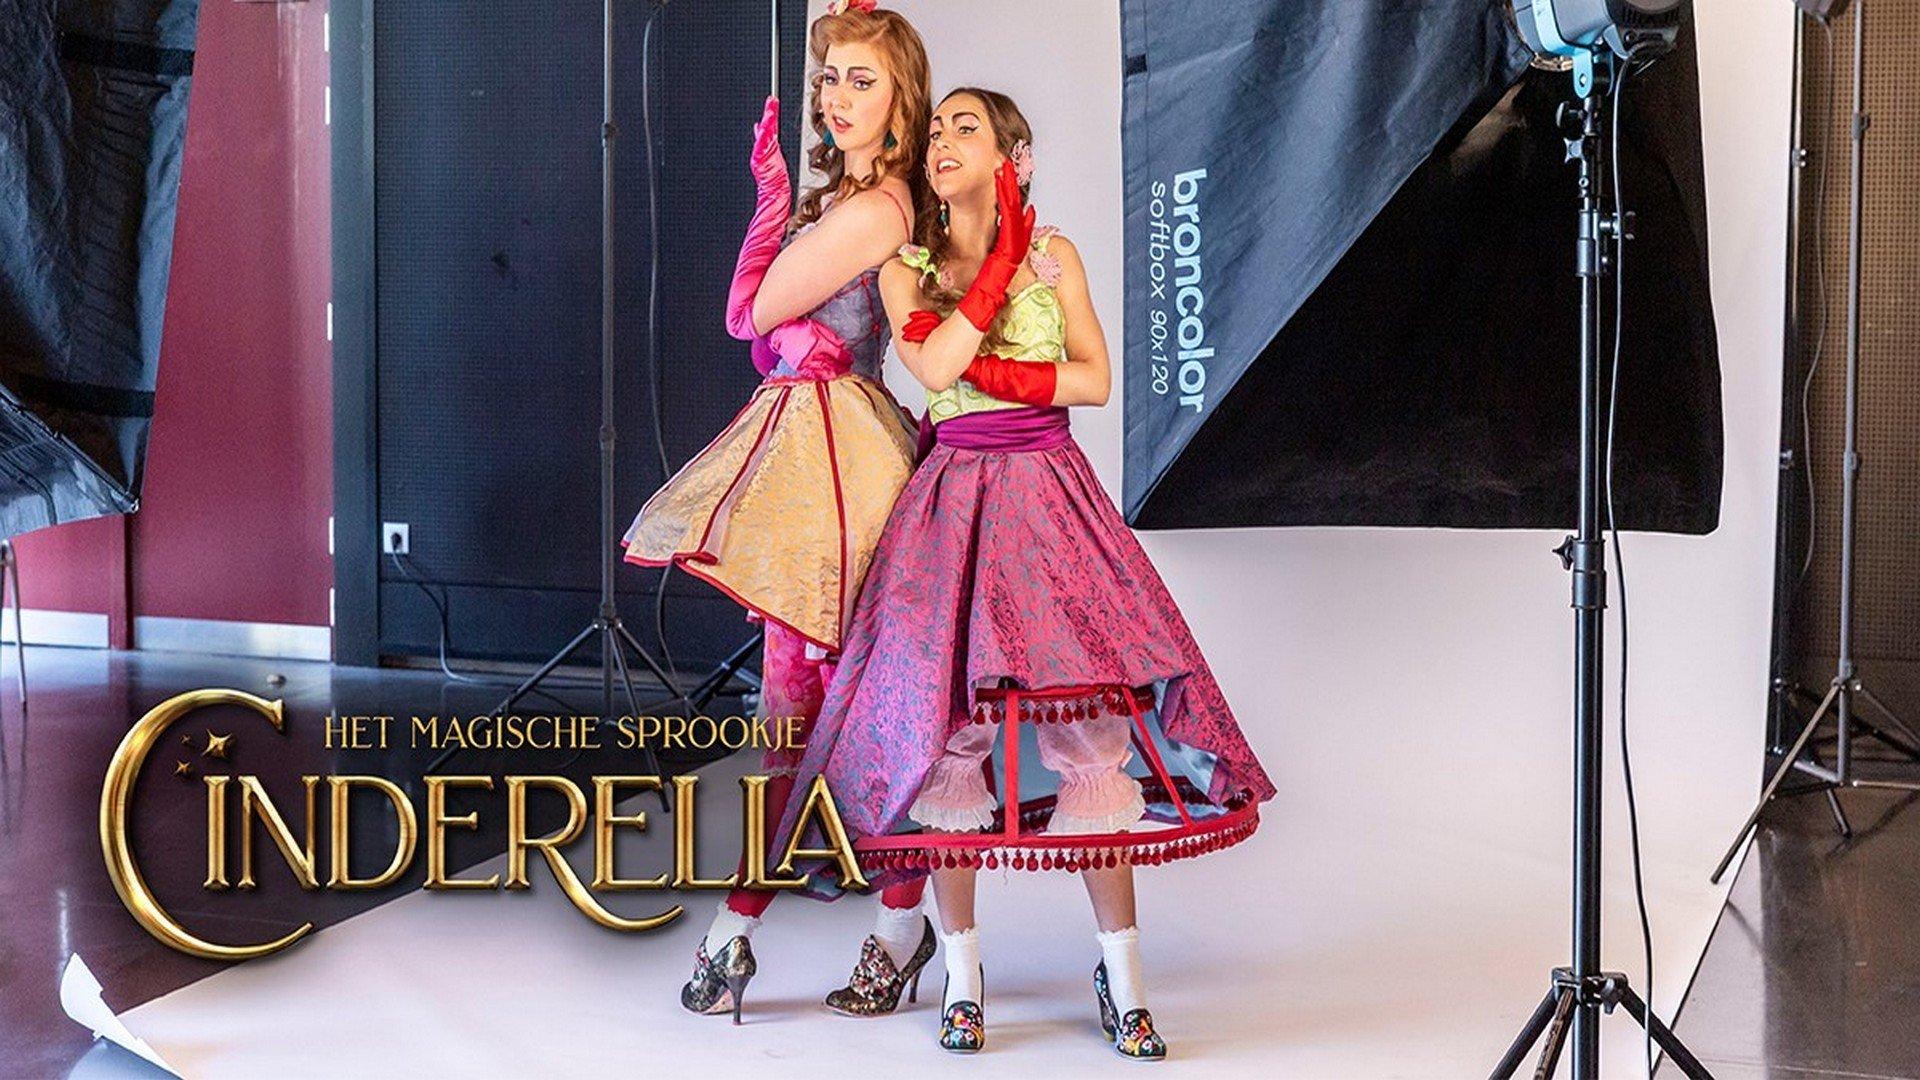 Music Hall presenteert magisch sprookje 'Cinderella' - Cinderella 5